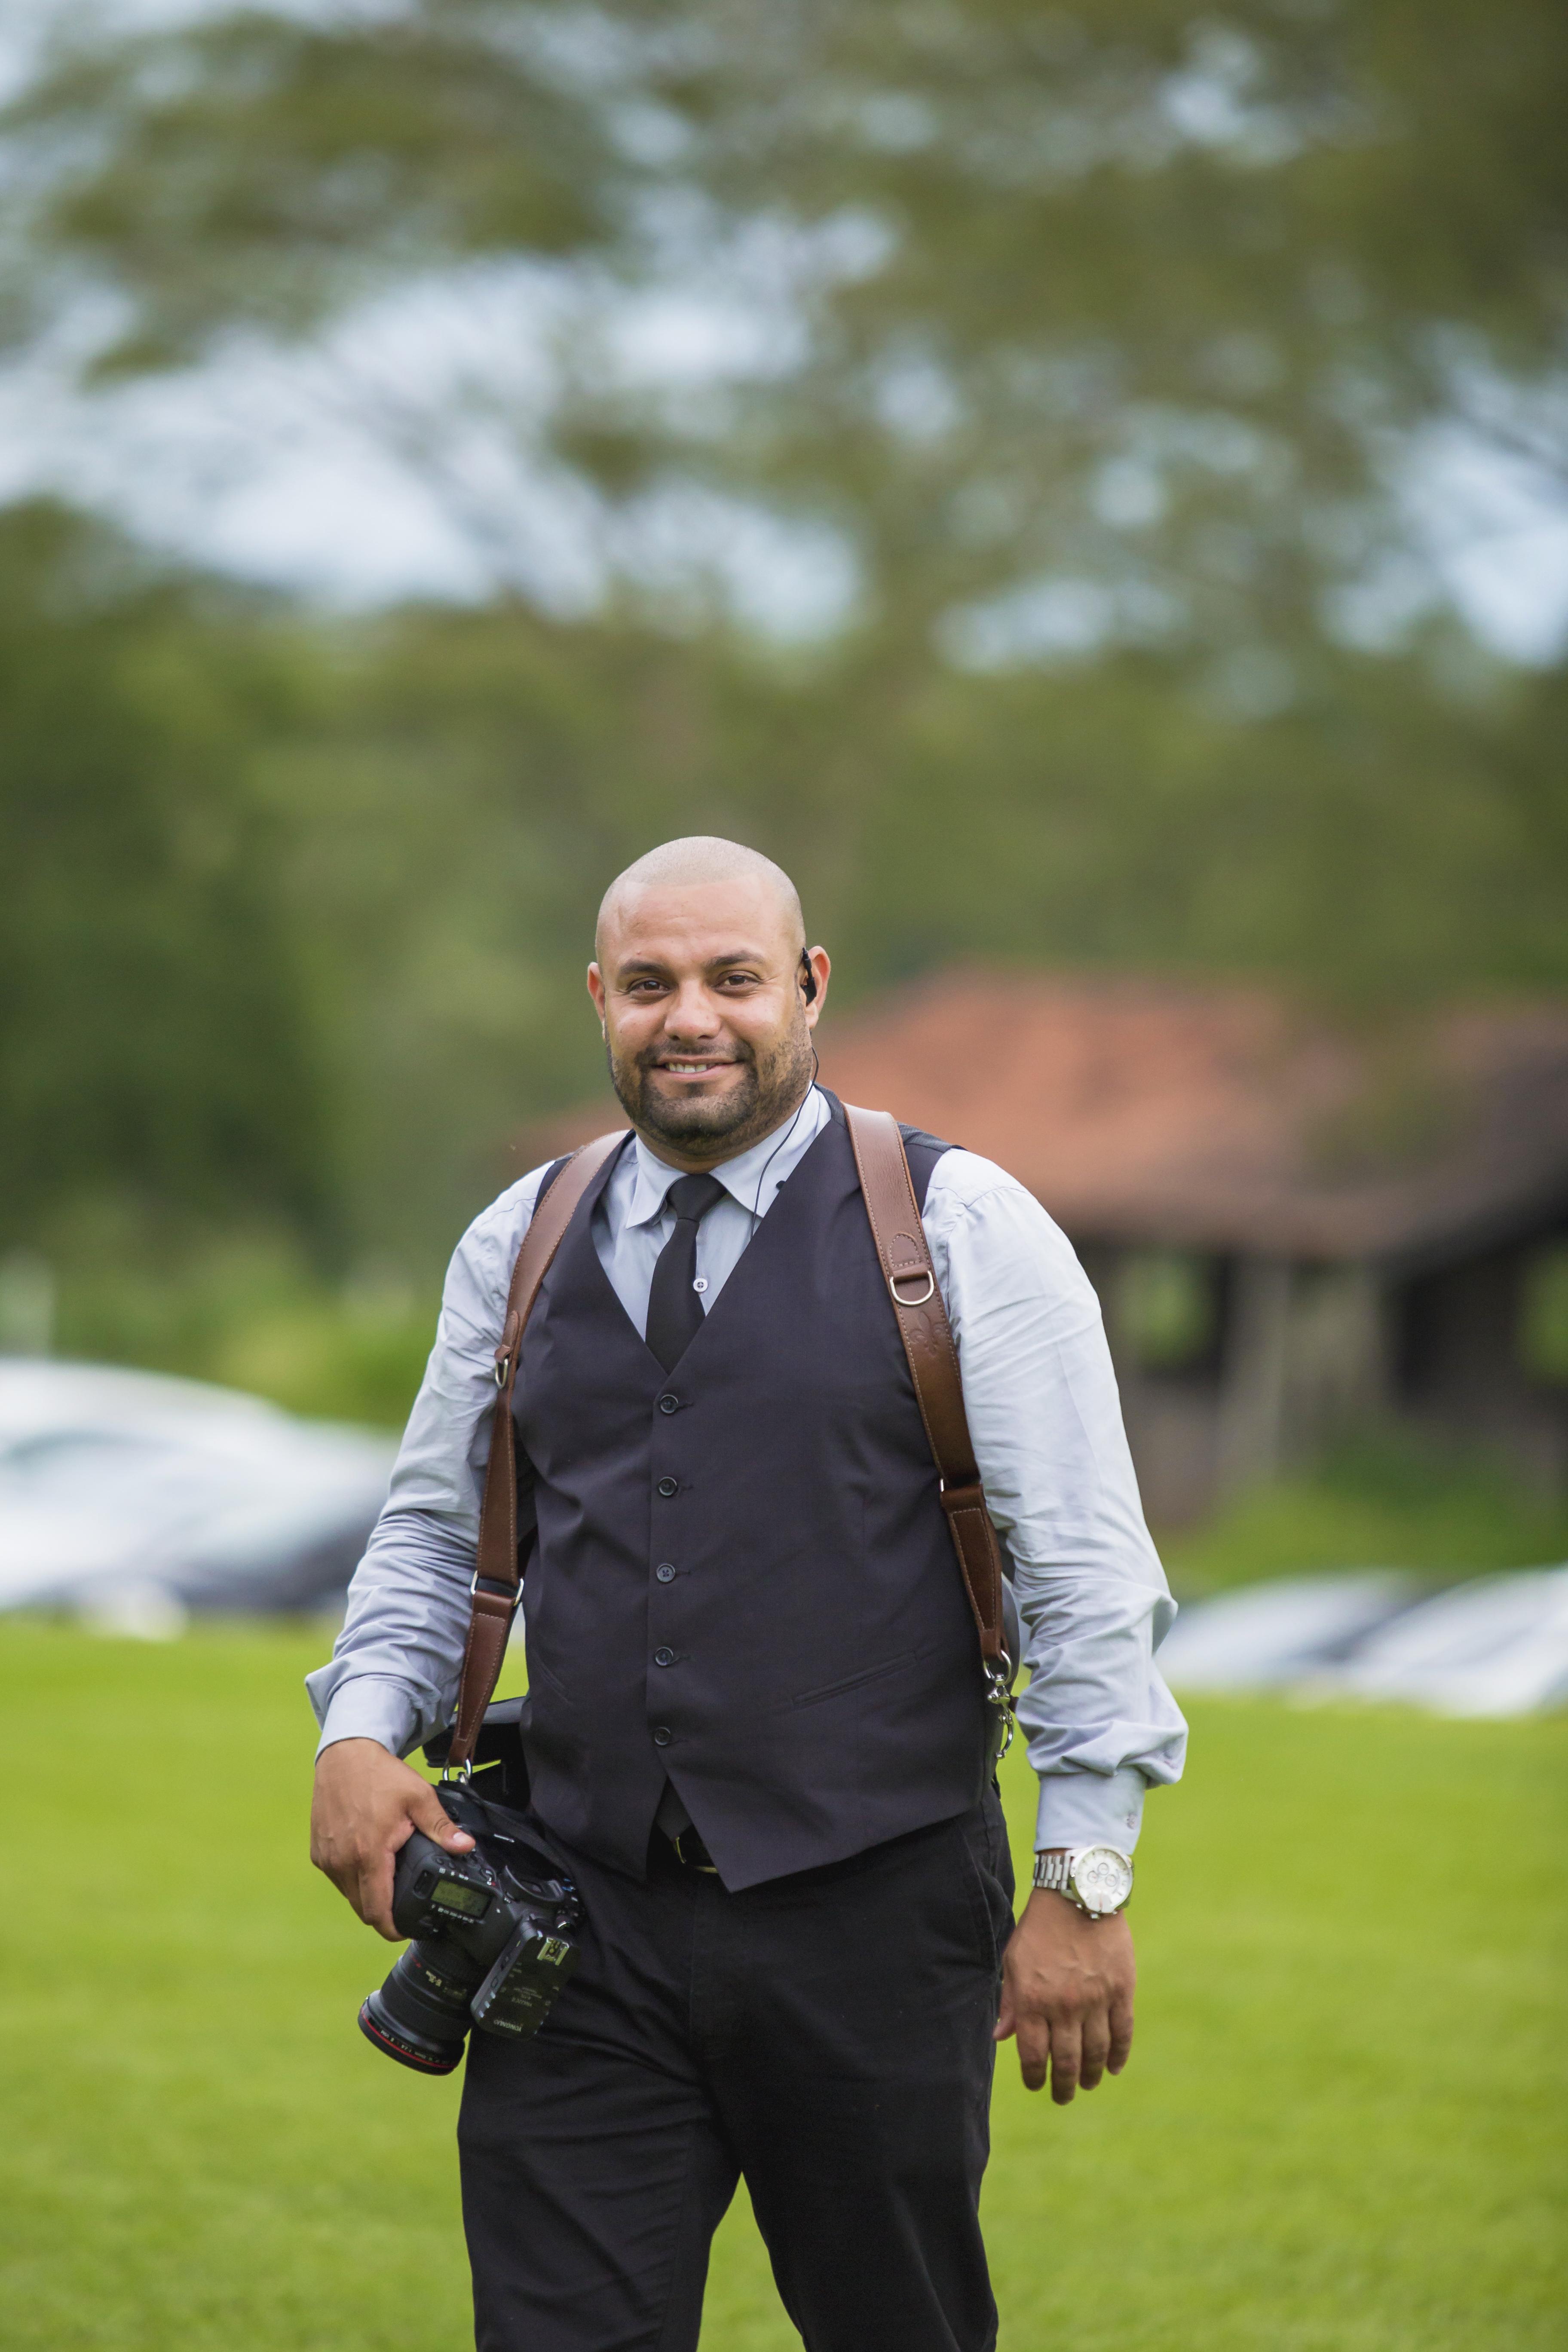 Sobre Fotografo de Casamento SP - Laert Nunes - Assis - SP